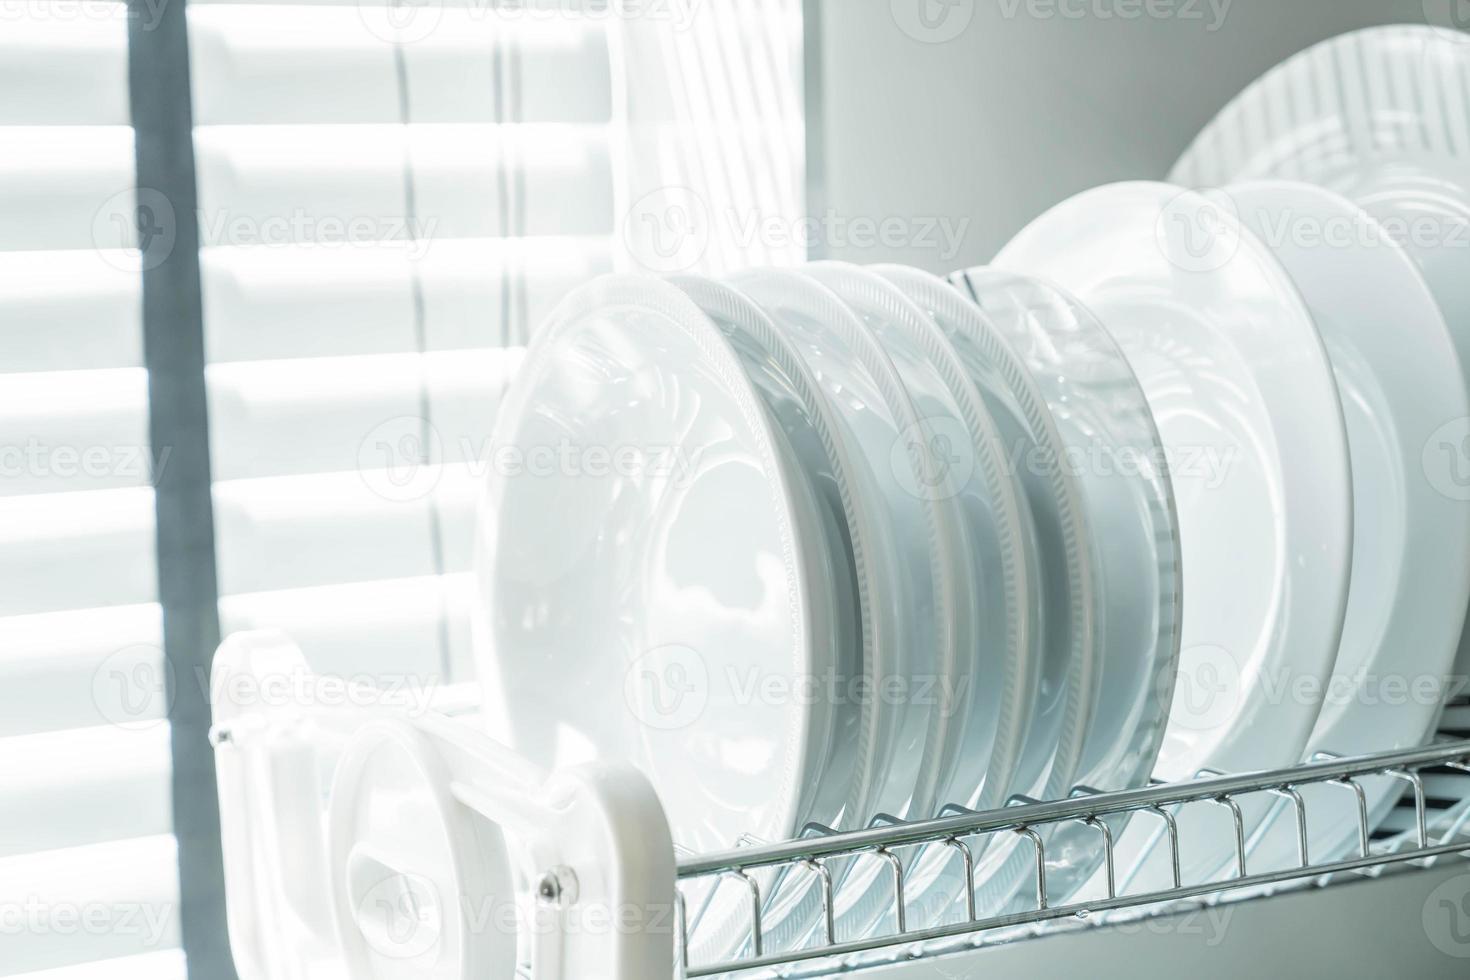 platos blancos limpios en un estante para platos foto